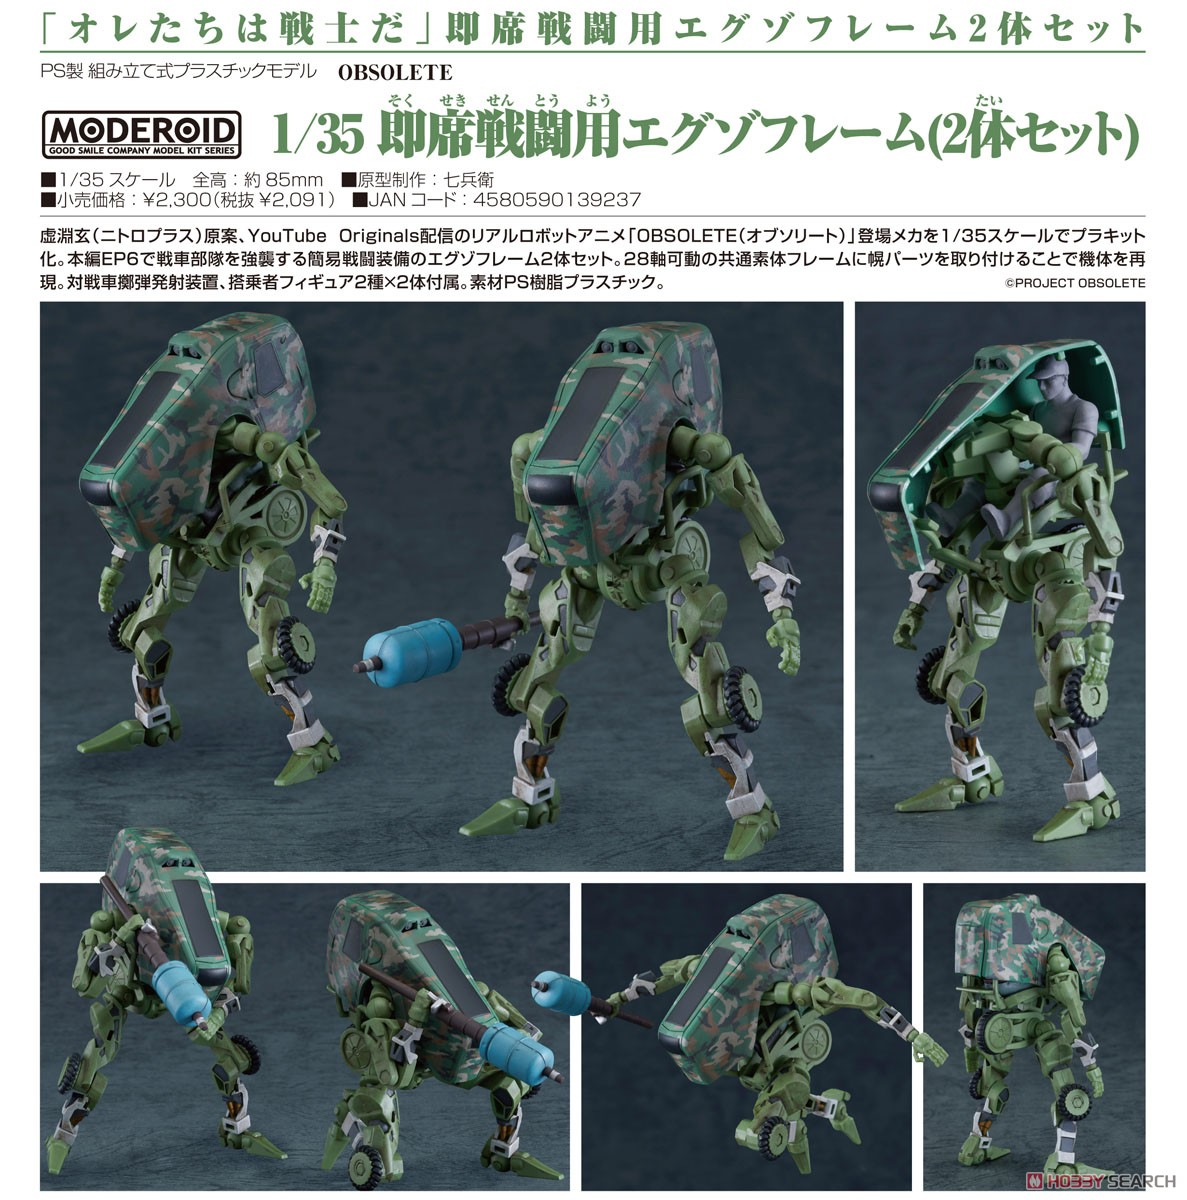 MODEROID『武装エグゾフレーム』OBSOLETE 1/35 プラモデル-012